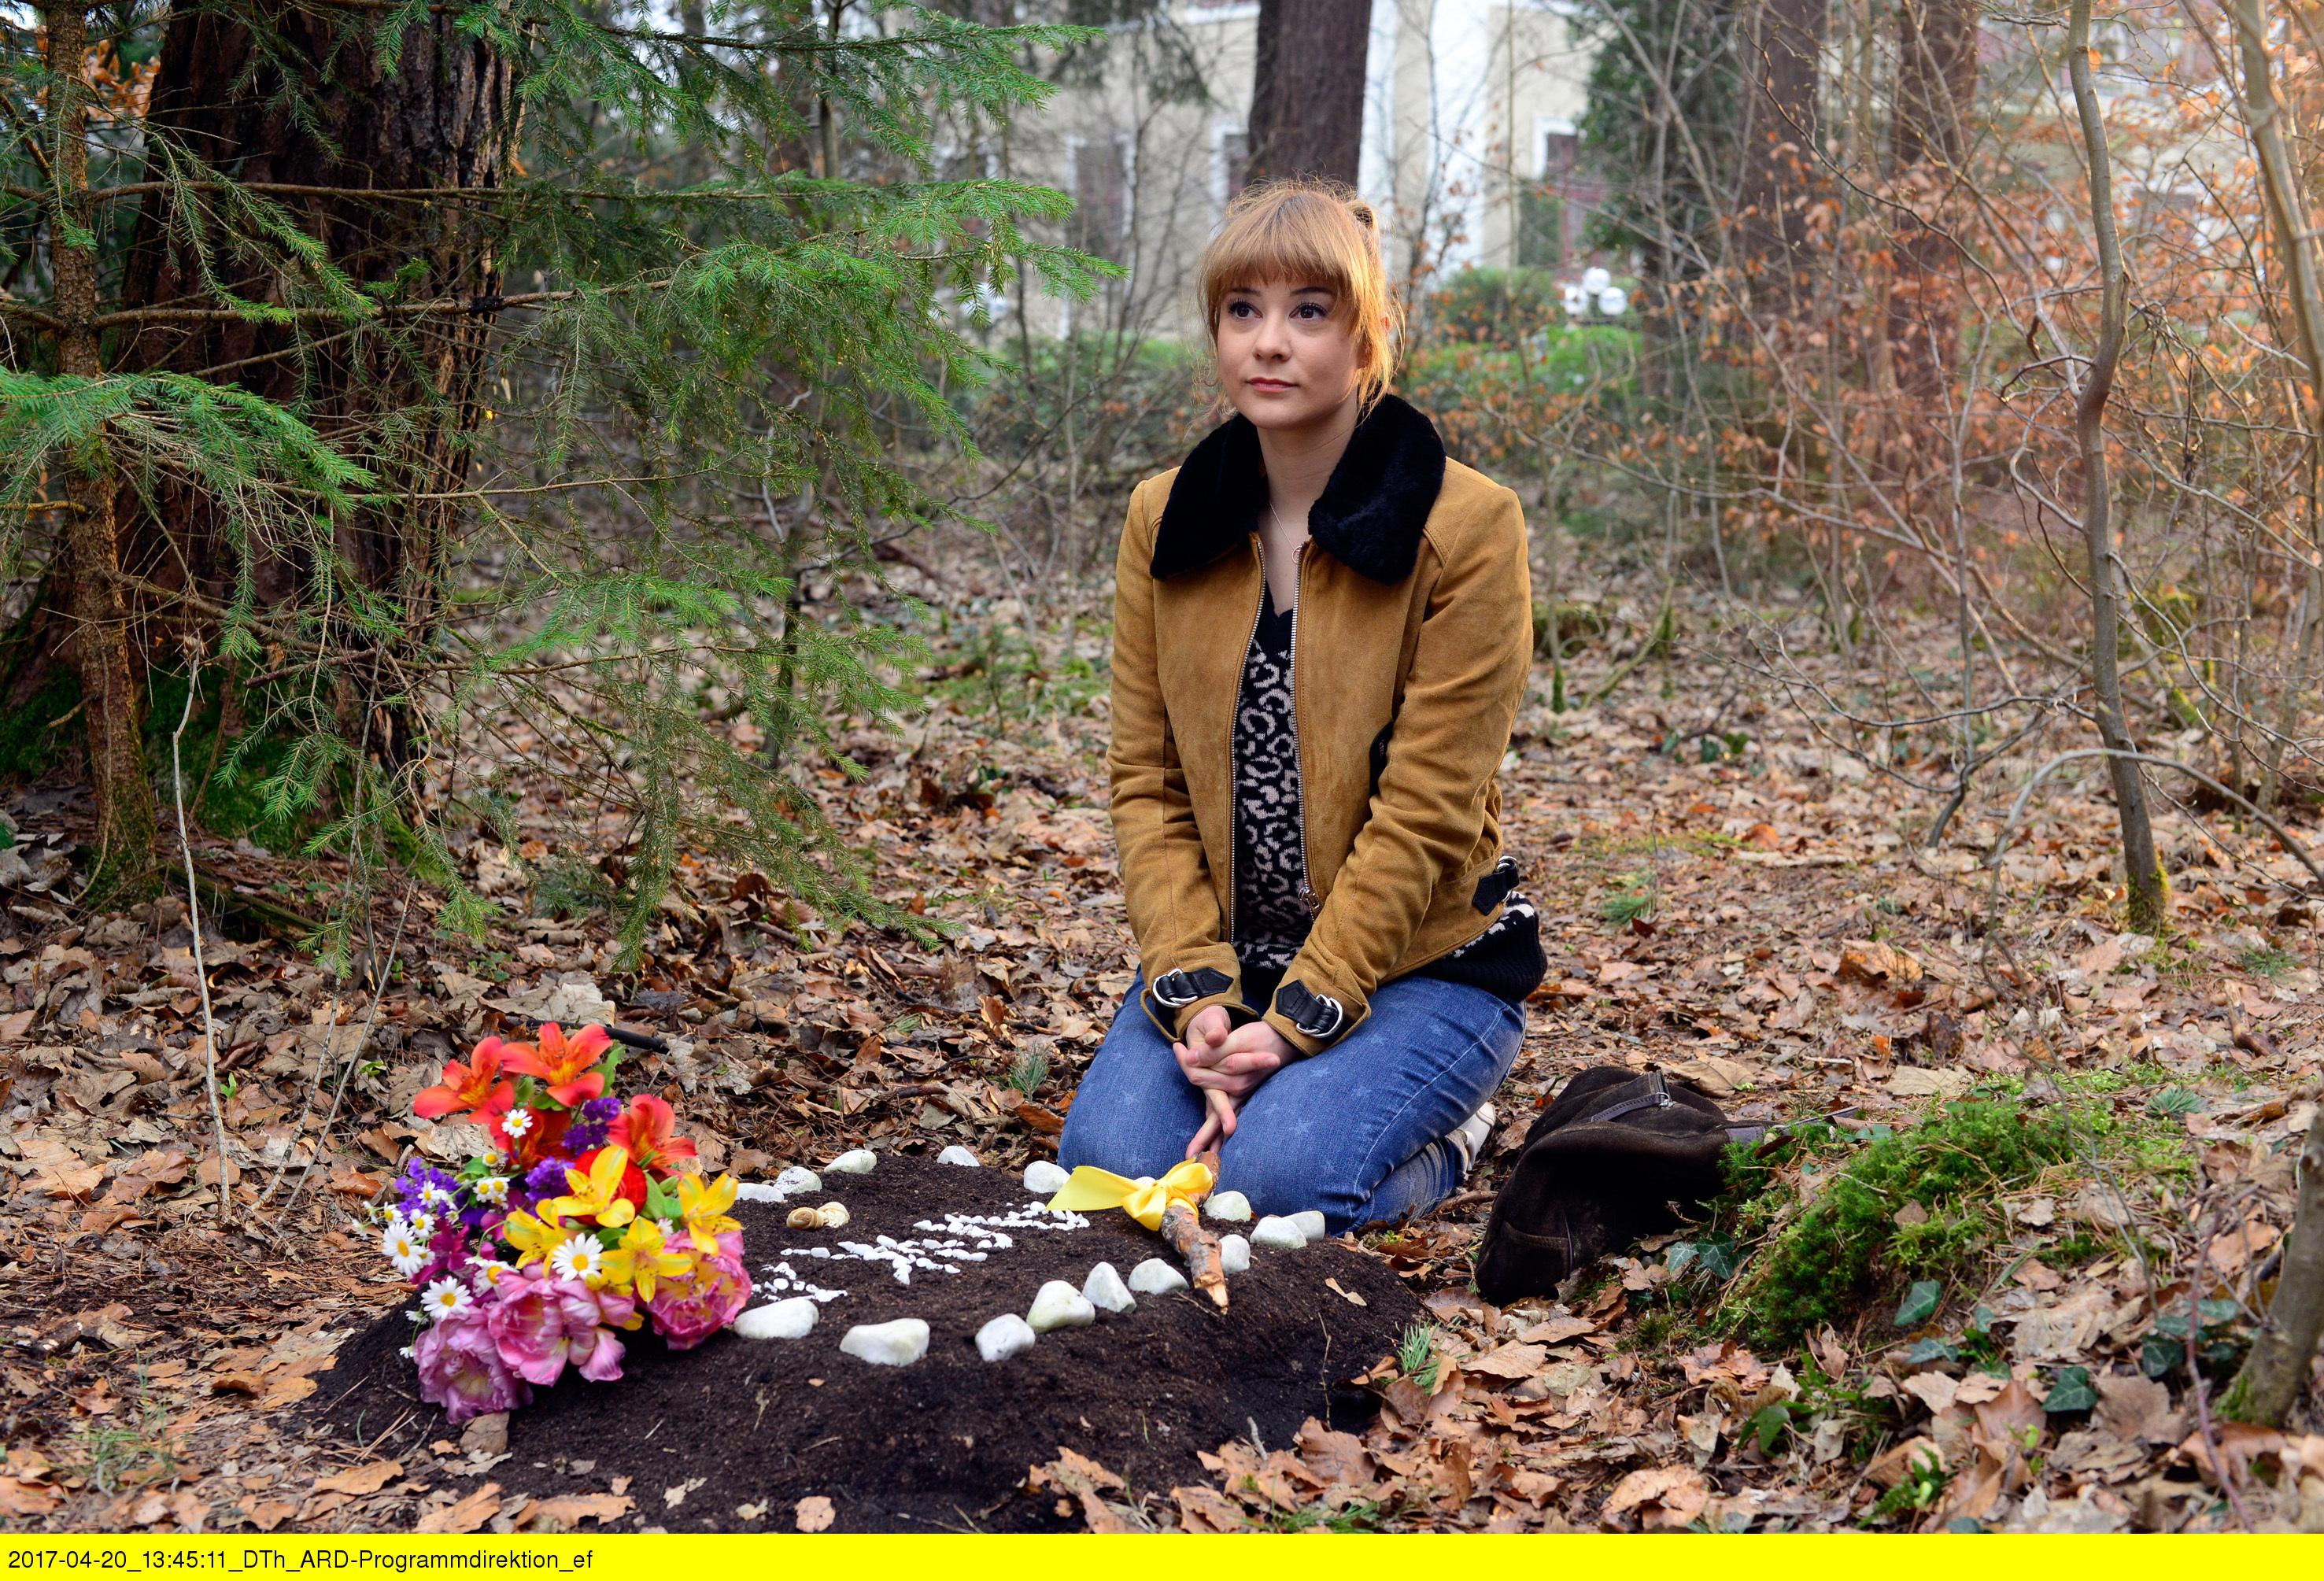 ARD STURM DER LIEBE FOLGE 2701, am Dienstag (06.06.17) um 15:10 Uhr im ERSTEN. Rebecca (Julia Alice Ludwig) ist gleichzeitig traurig, weil ihre Hündin Anka gestorben ist, und glücklich, dass zwischen ihr und Ella wieder alles gut ist. (Quelle: ARD/Manfred Laemmerer)